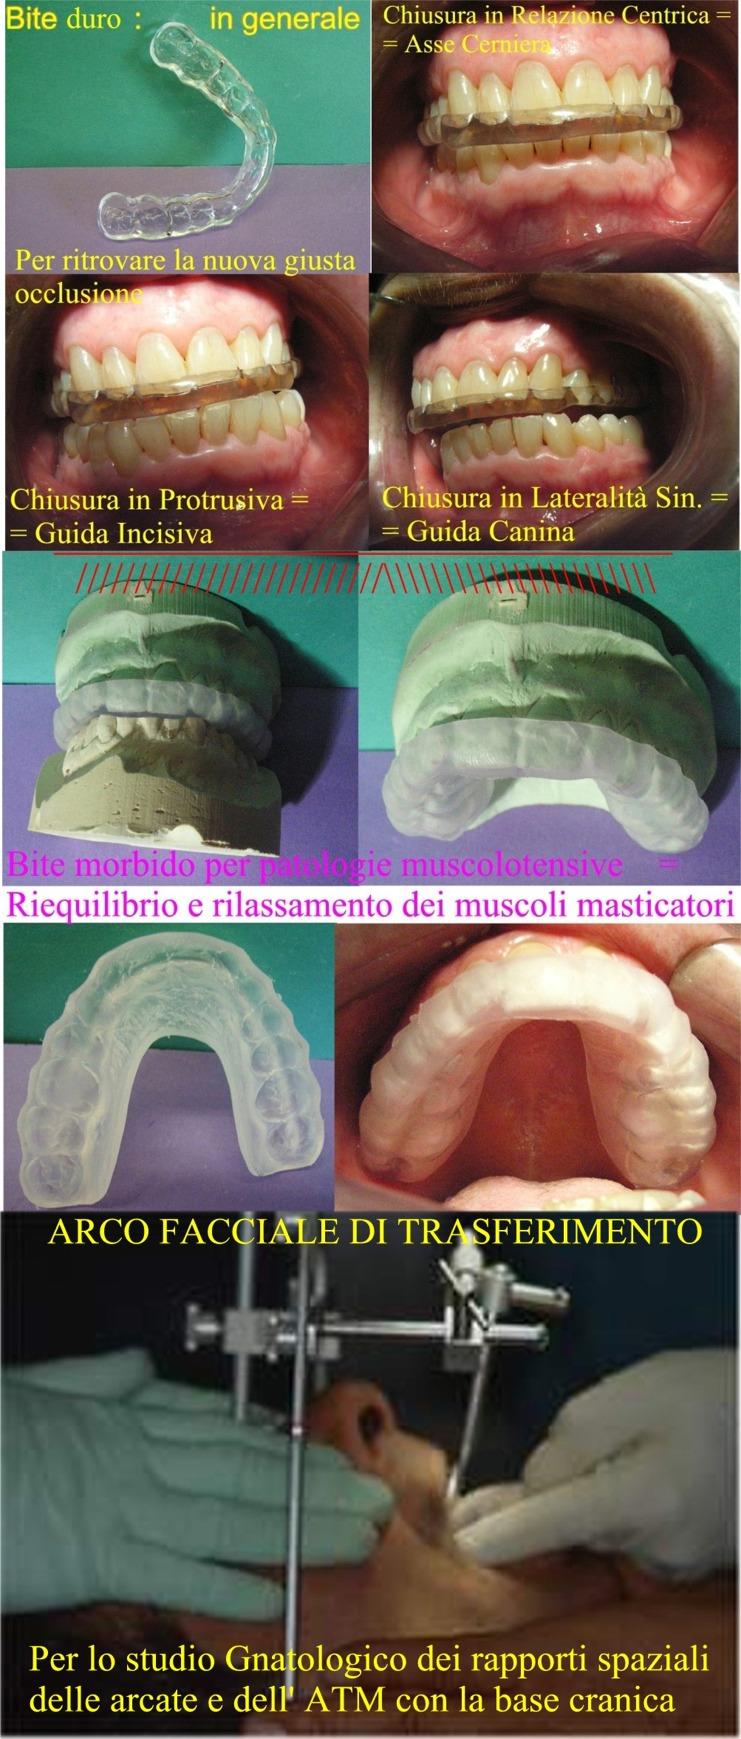 Bite ed Arco Facciale di Trasferimento. Da casistica Gnatologica del Dr. Gustavo Petti di Cagliari